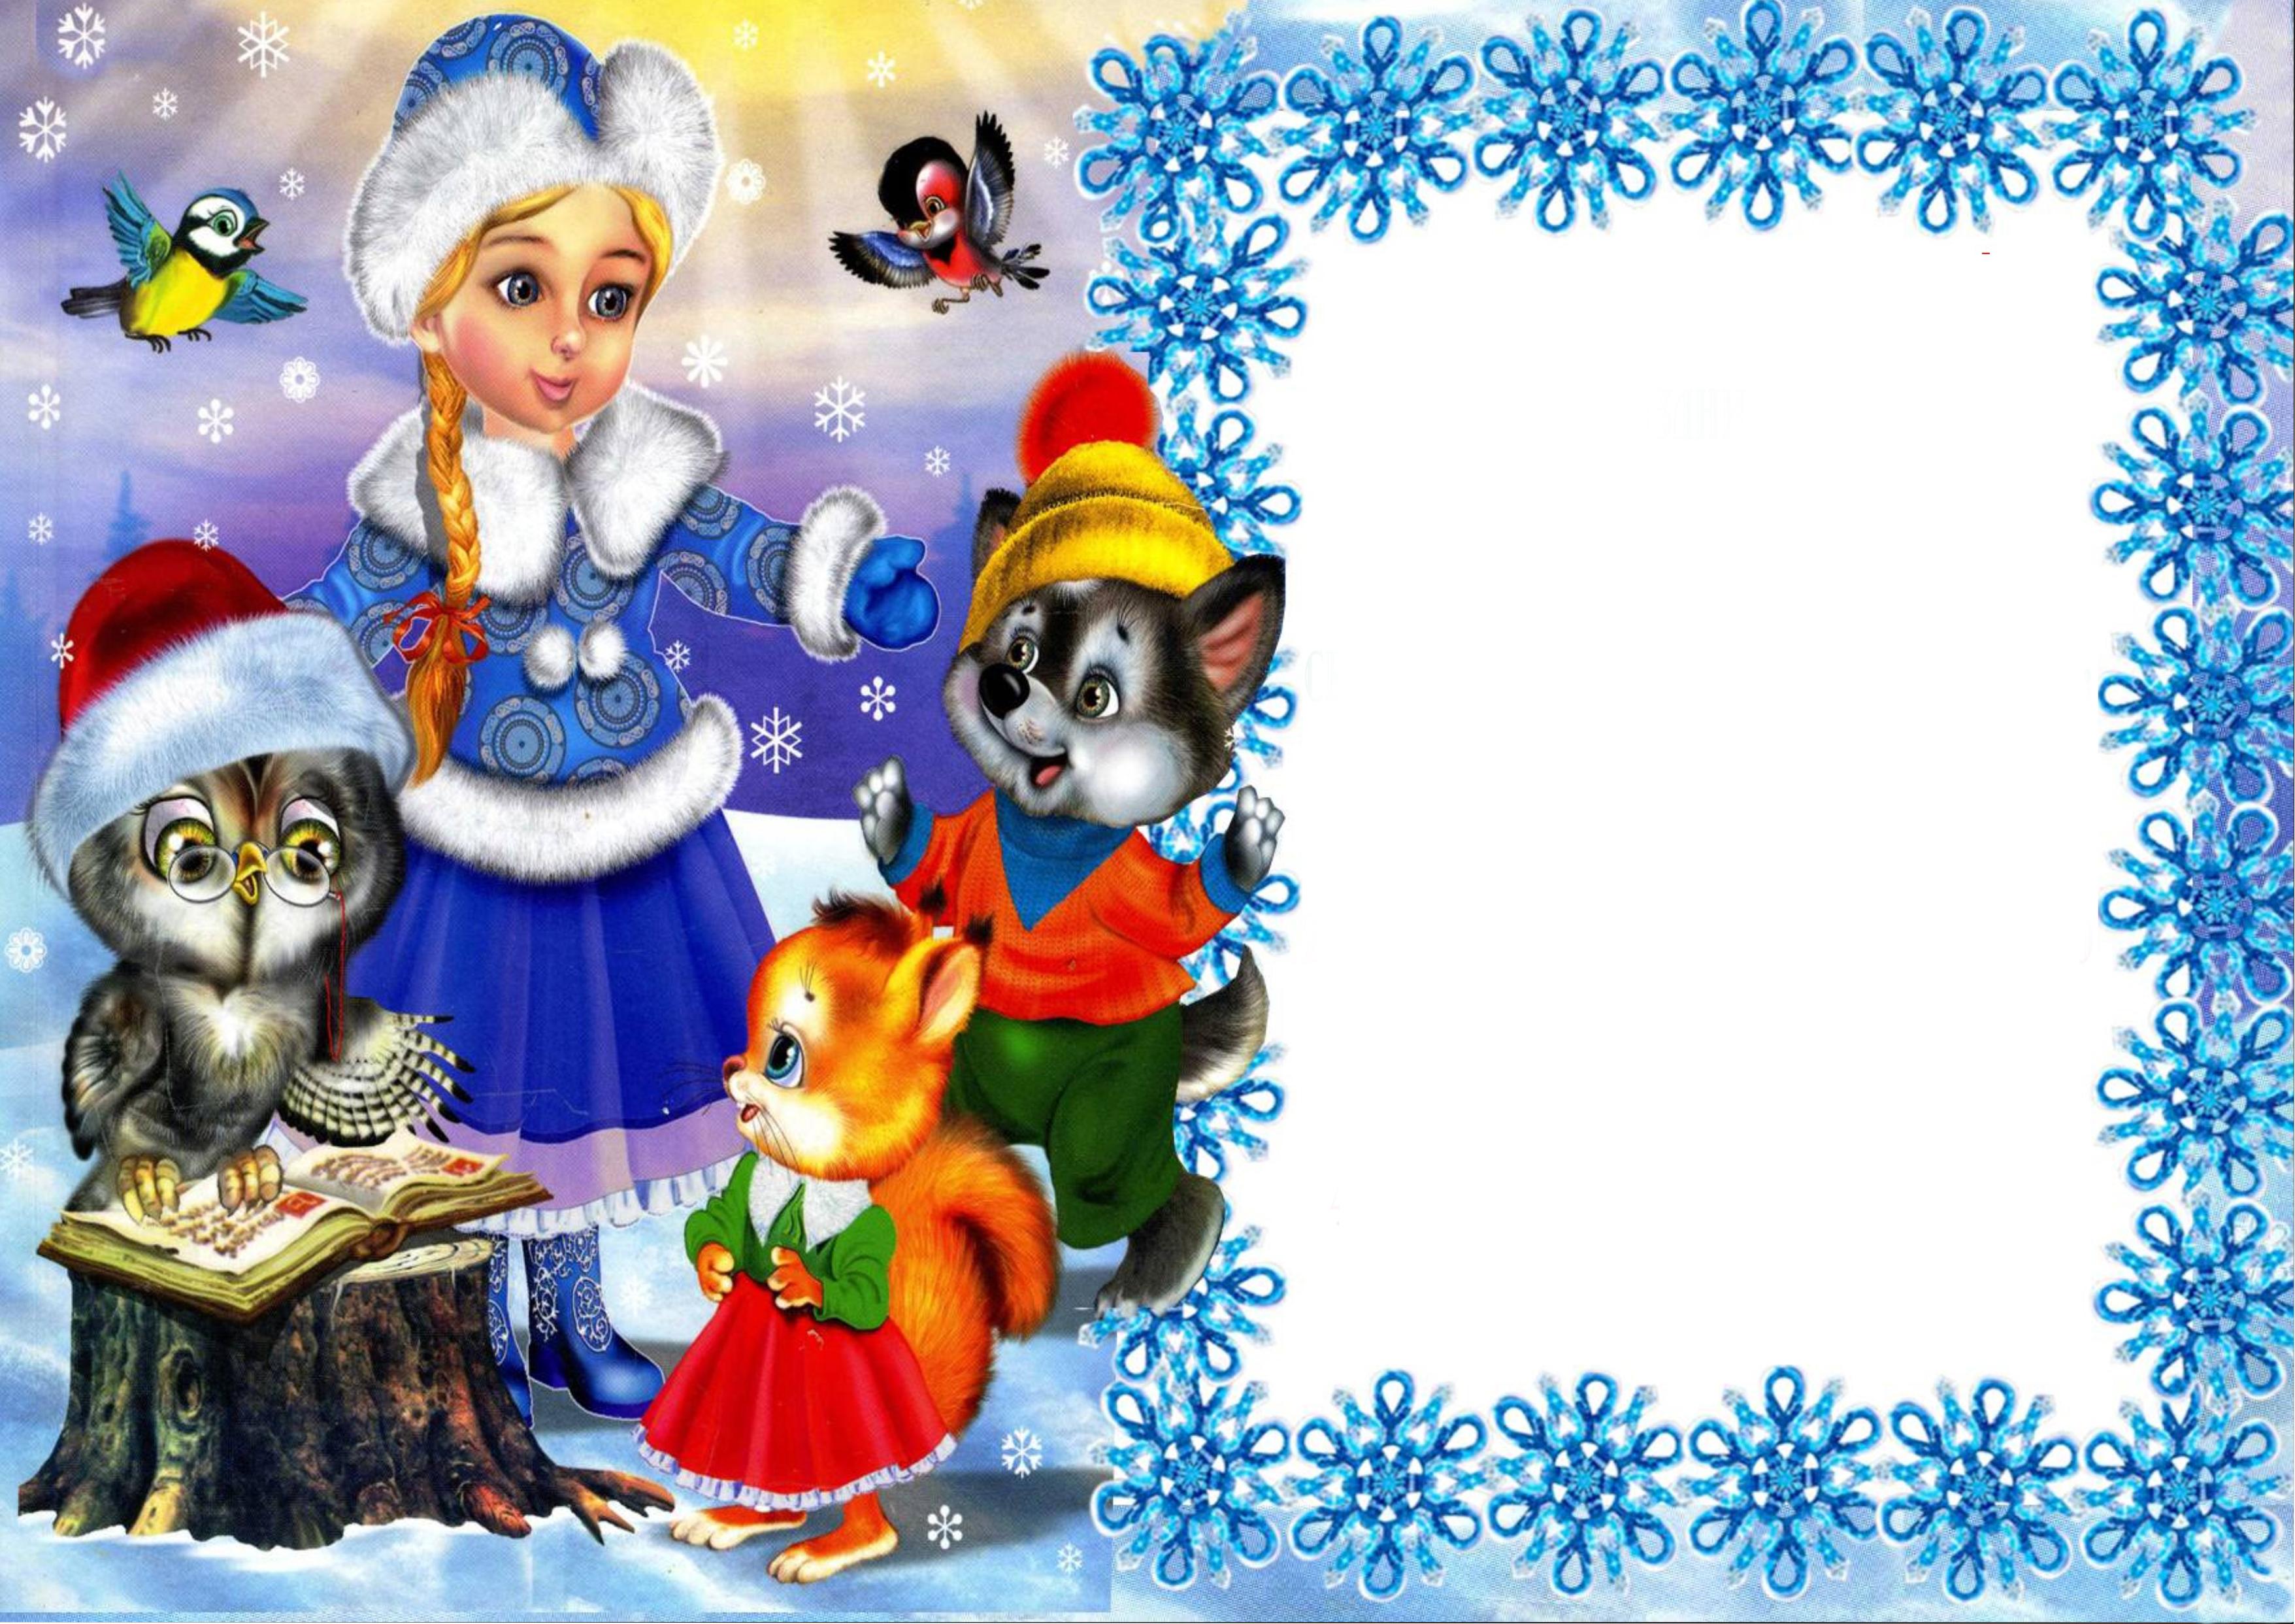 Рисунки для поздравлений новогодние